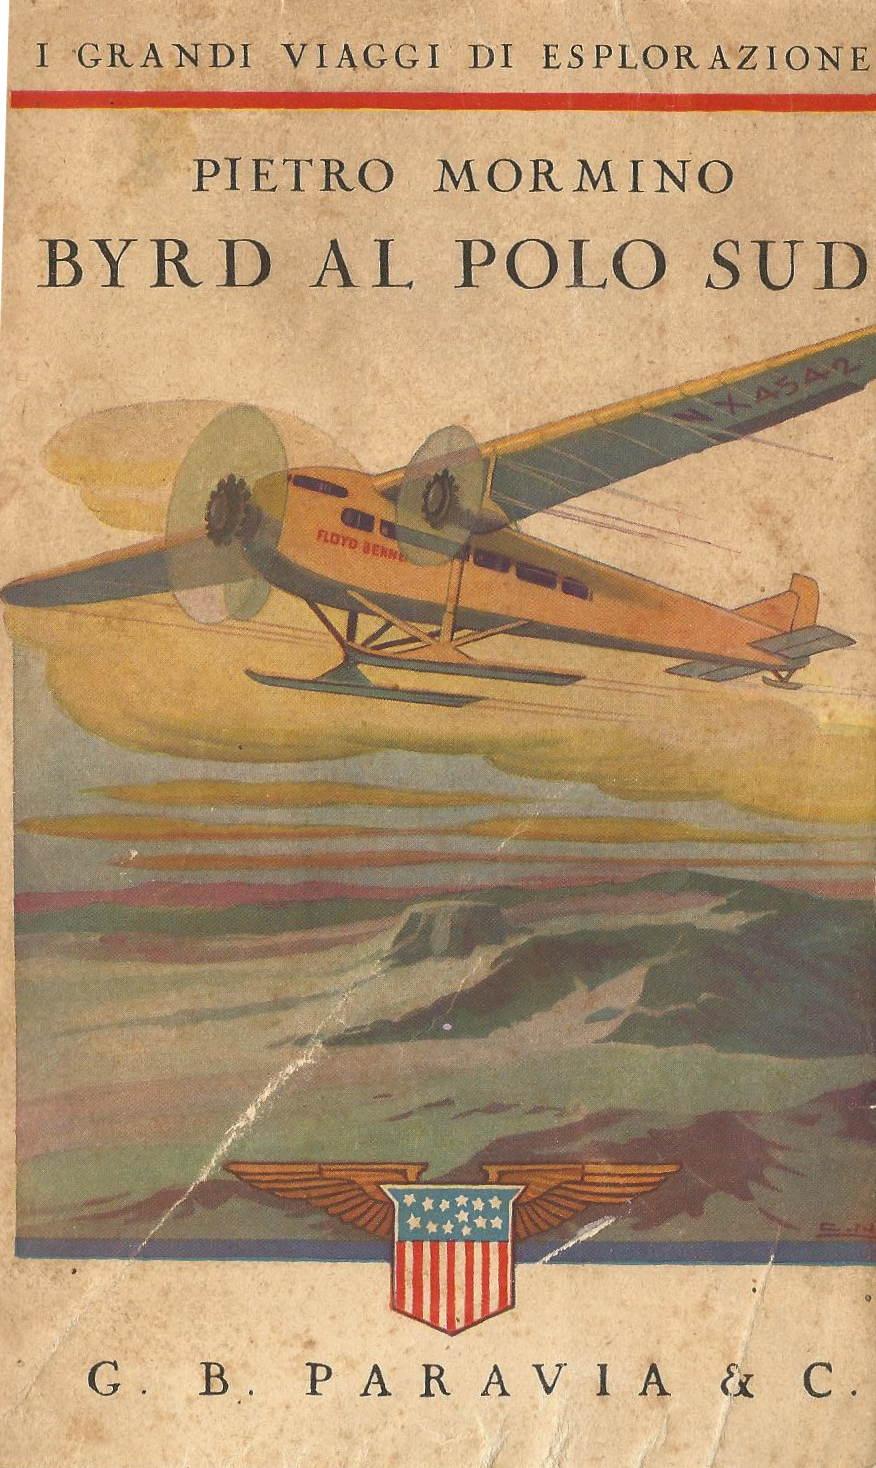 Byrd al Polo Sud